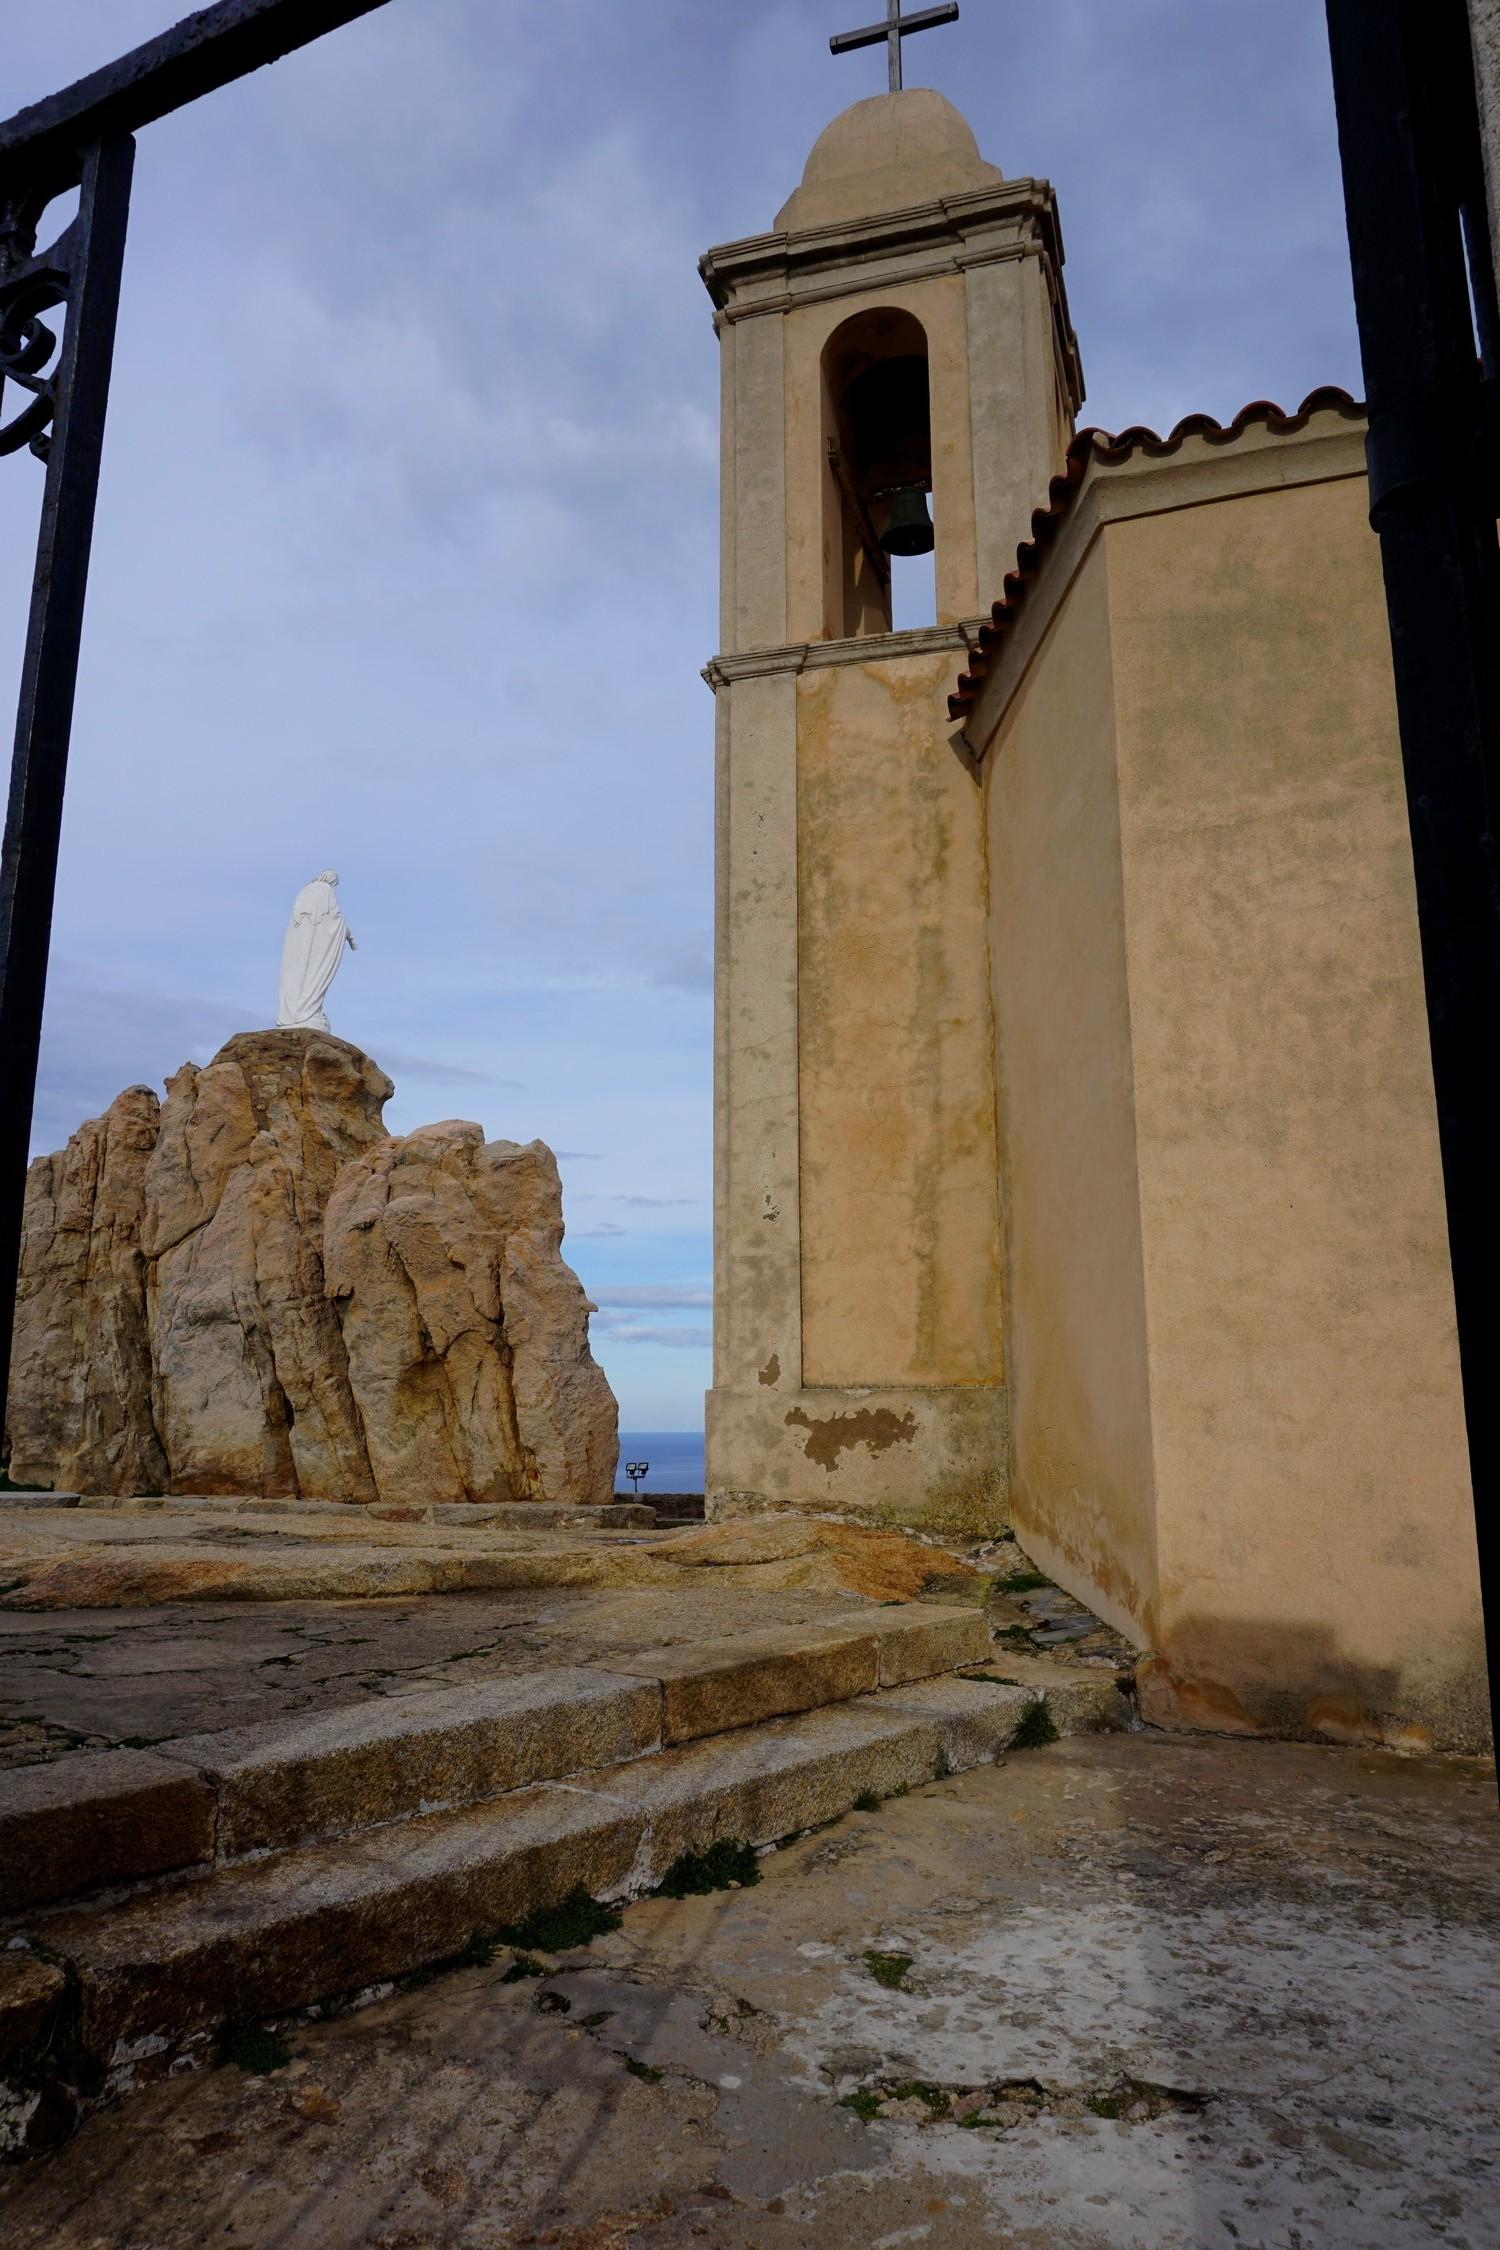 NOTRE DAME DE LA SERRA BAIE DE CALVI PANORAMIQUE BLOG VOYAGE TOURISME CORSE CORSICA COUPLE ROAD TRIP 12